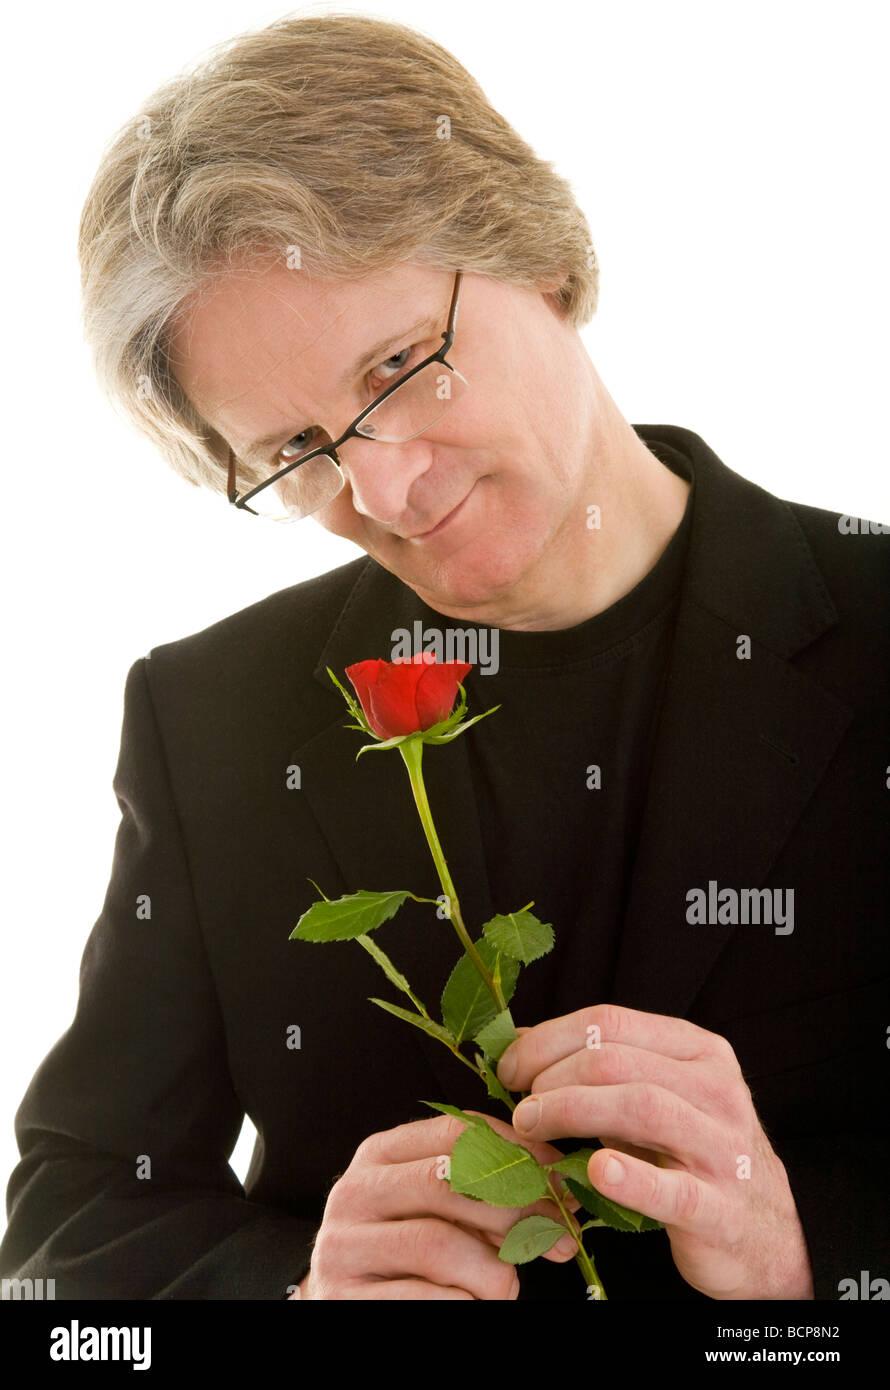 Mann Hält Zärtlich Eine Rote Rose in der Hand Stockbild